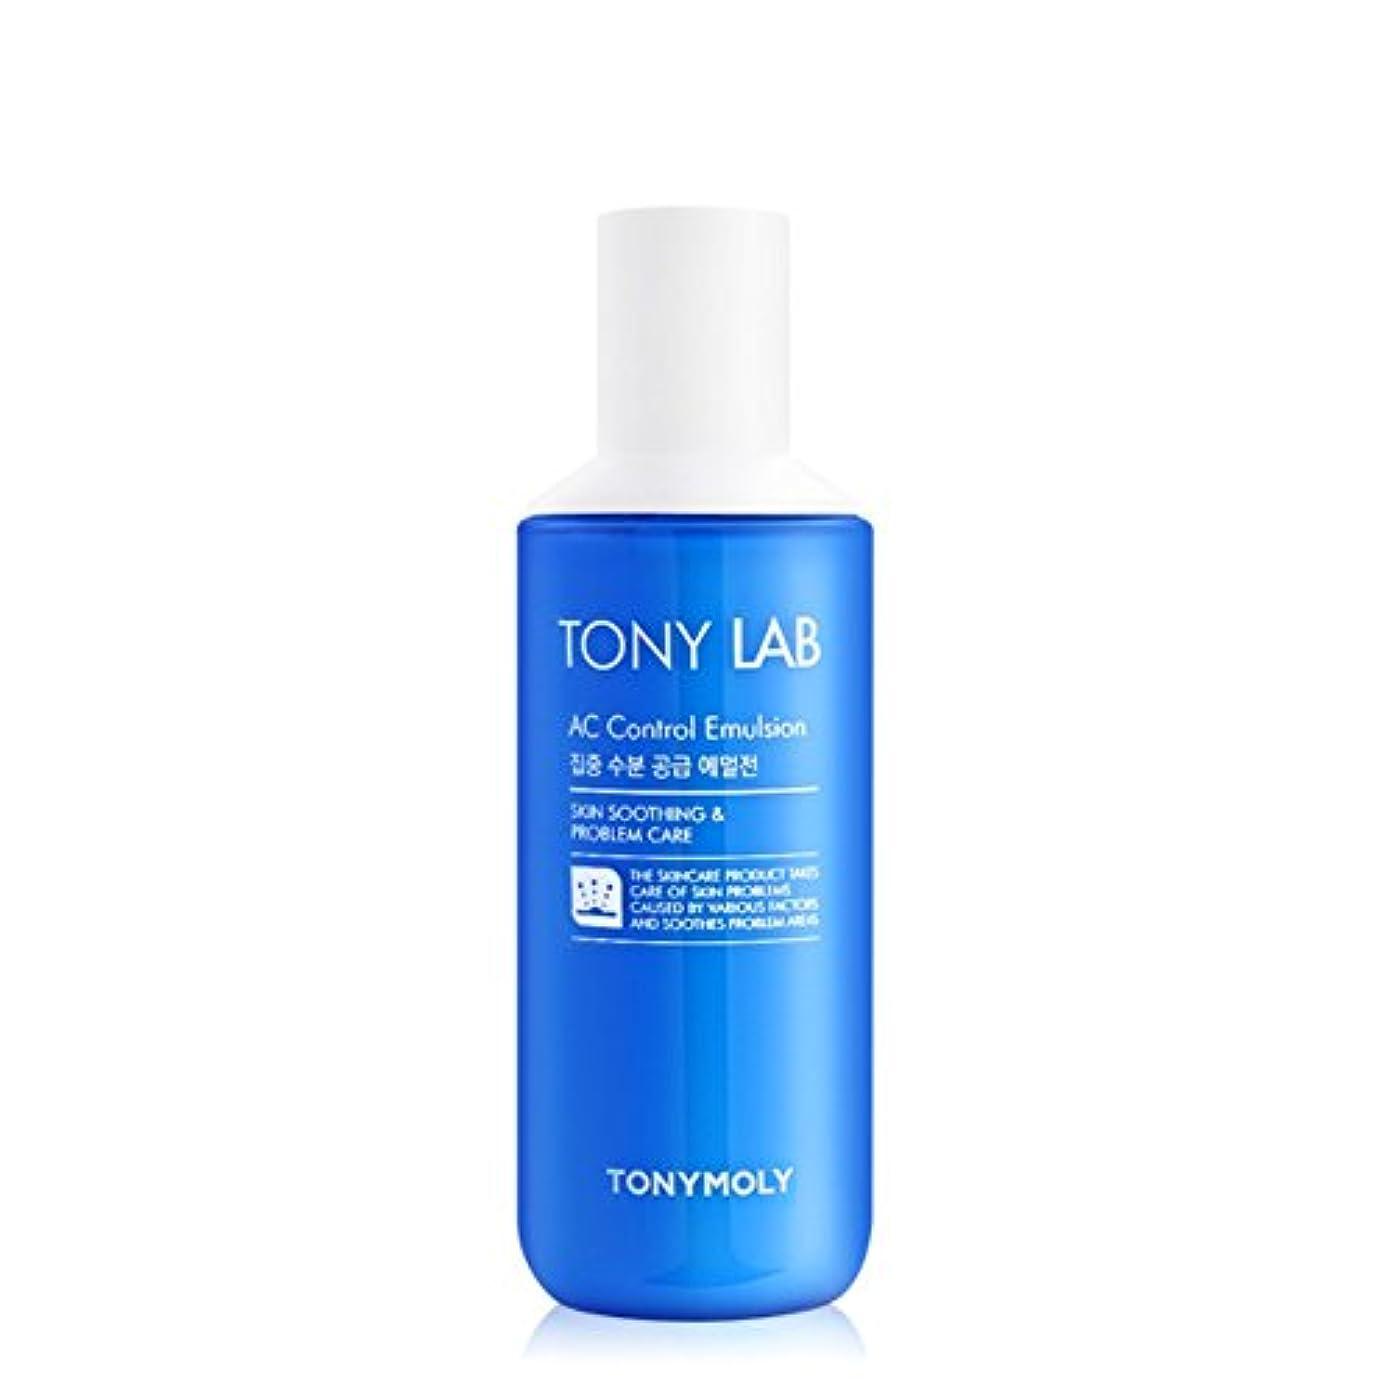 寛容小説家こする[2016 New] TONYMOLY Tony Lab AC Control Emulsion 160ml/トニーモリー トニー ラボ AC コントロール エマルジョン 160ml